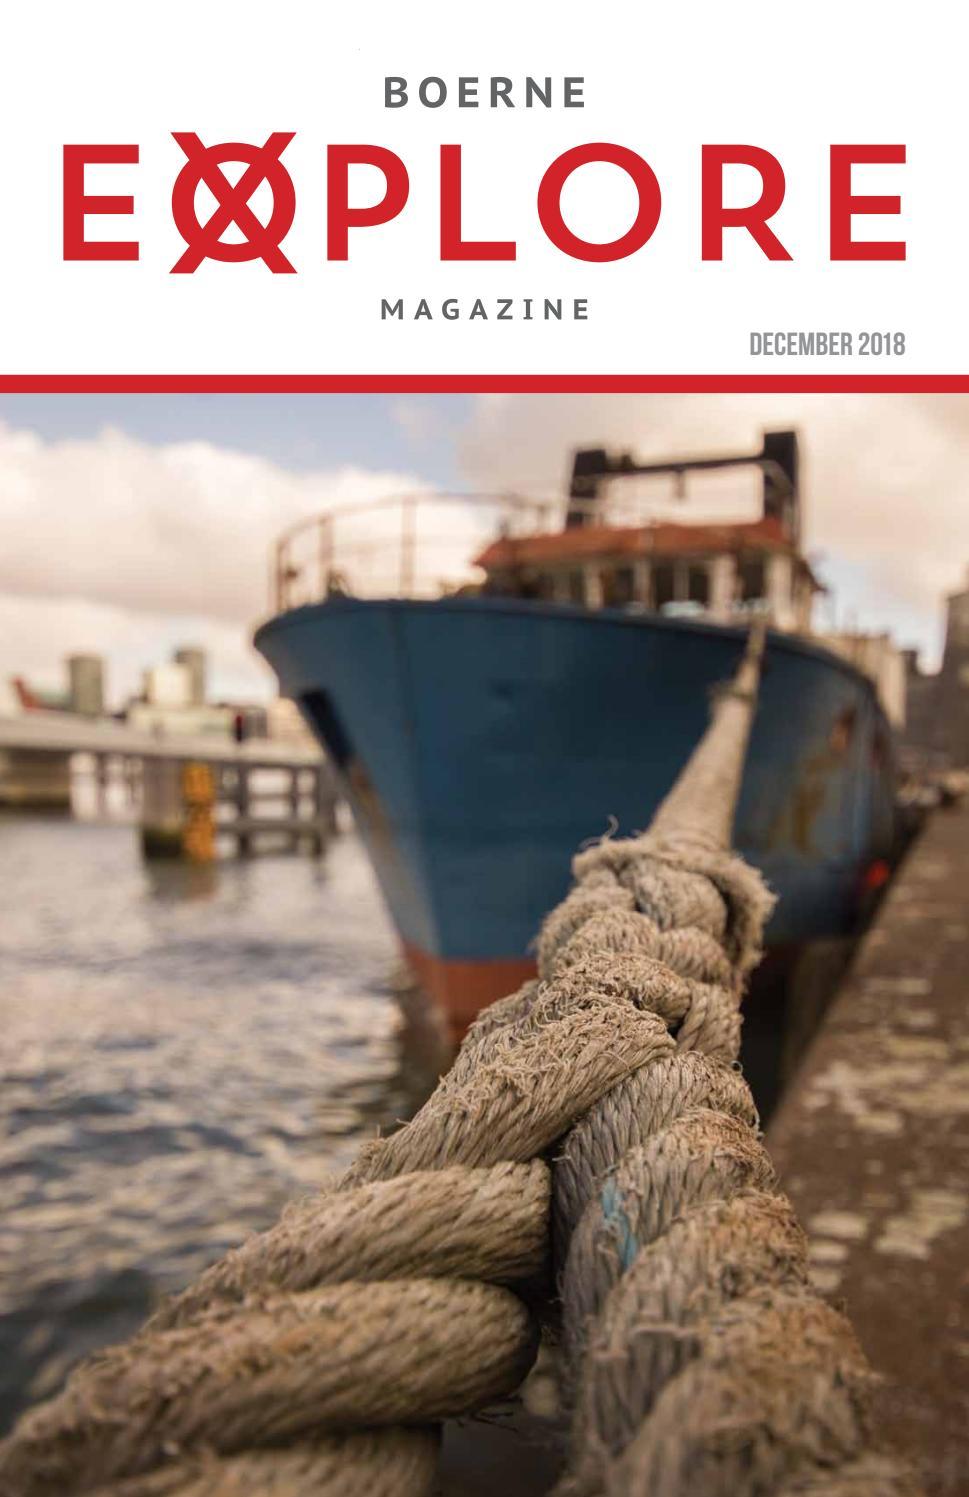 EXPLORE Magazine - December 2018 by Ben Schooley - issuu